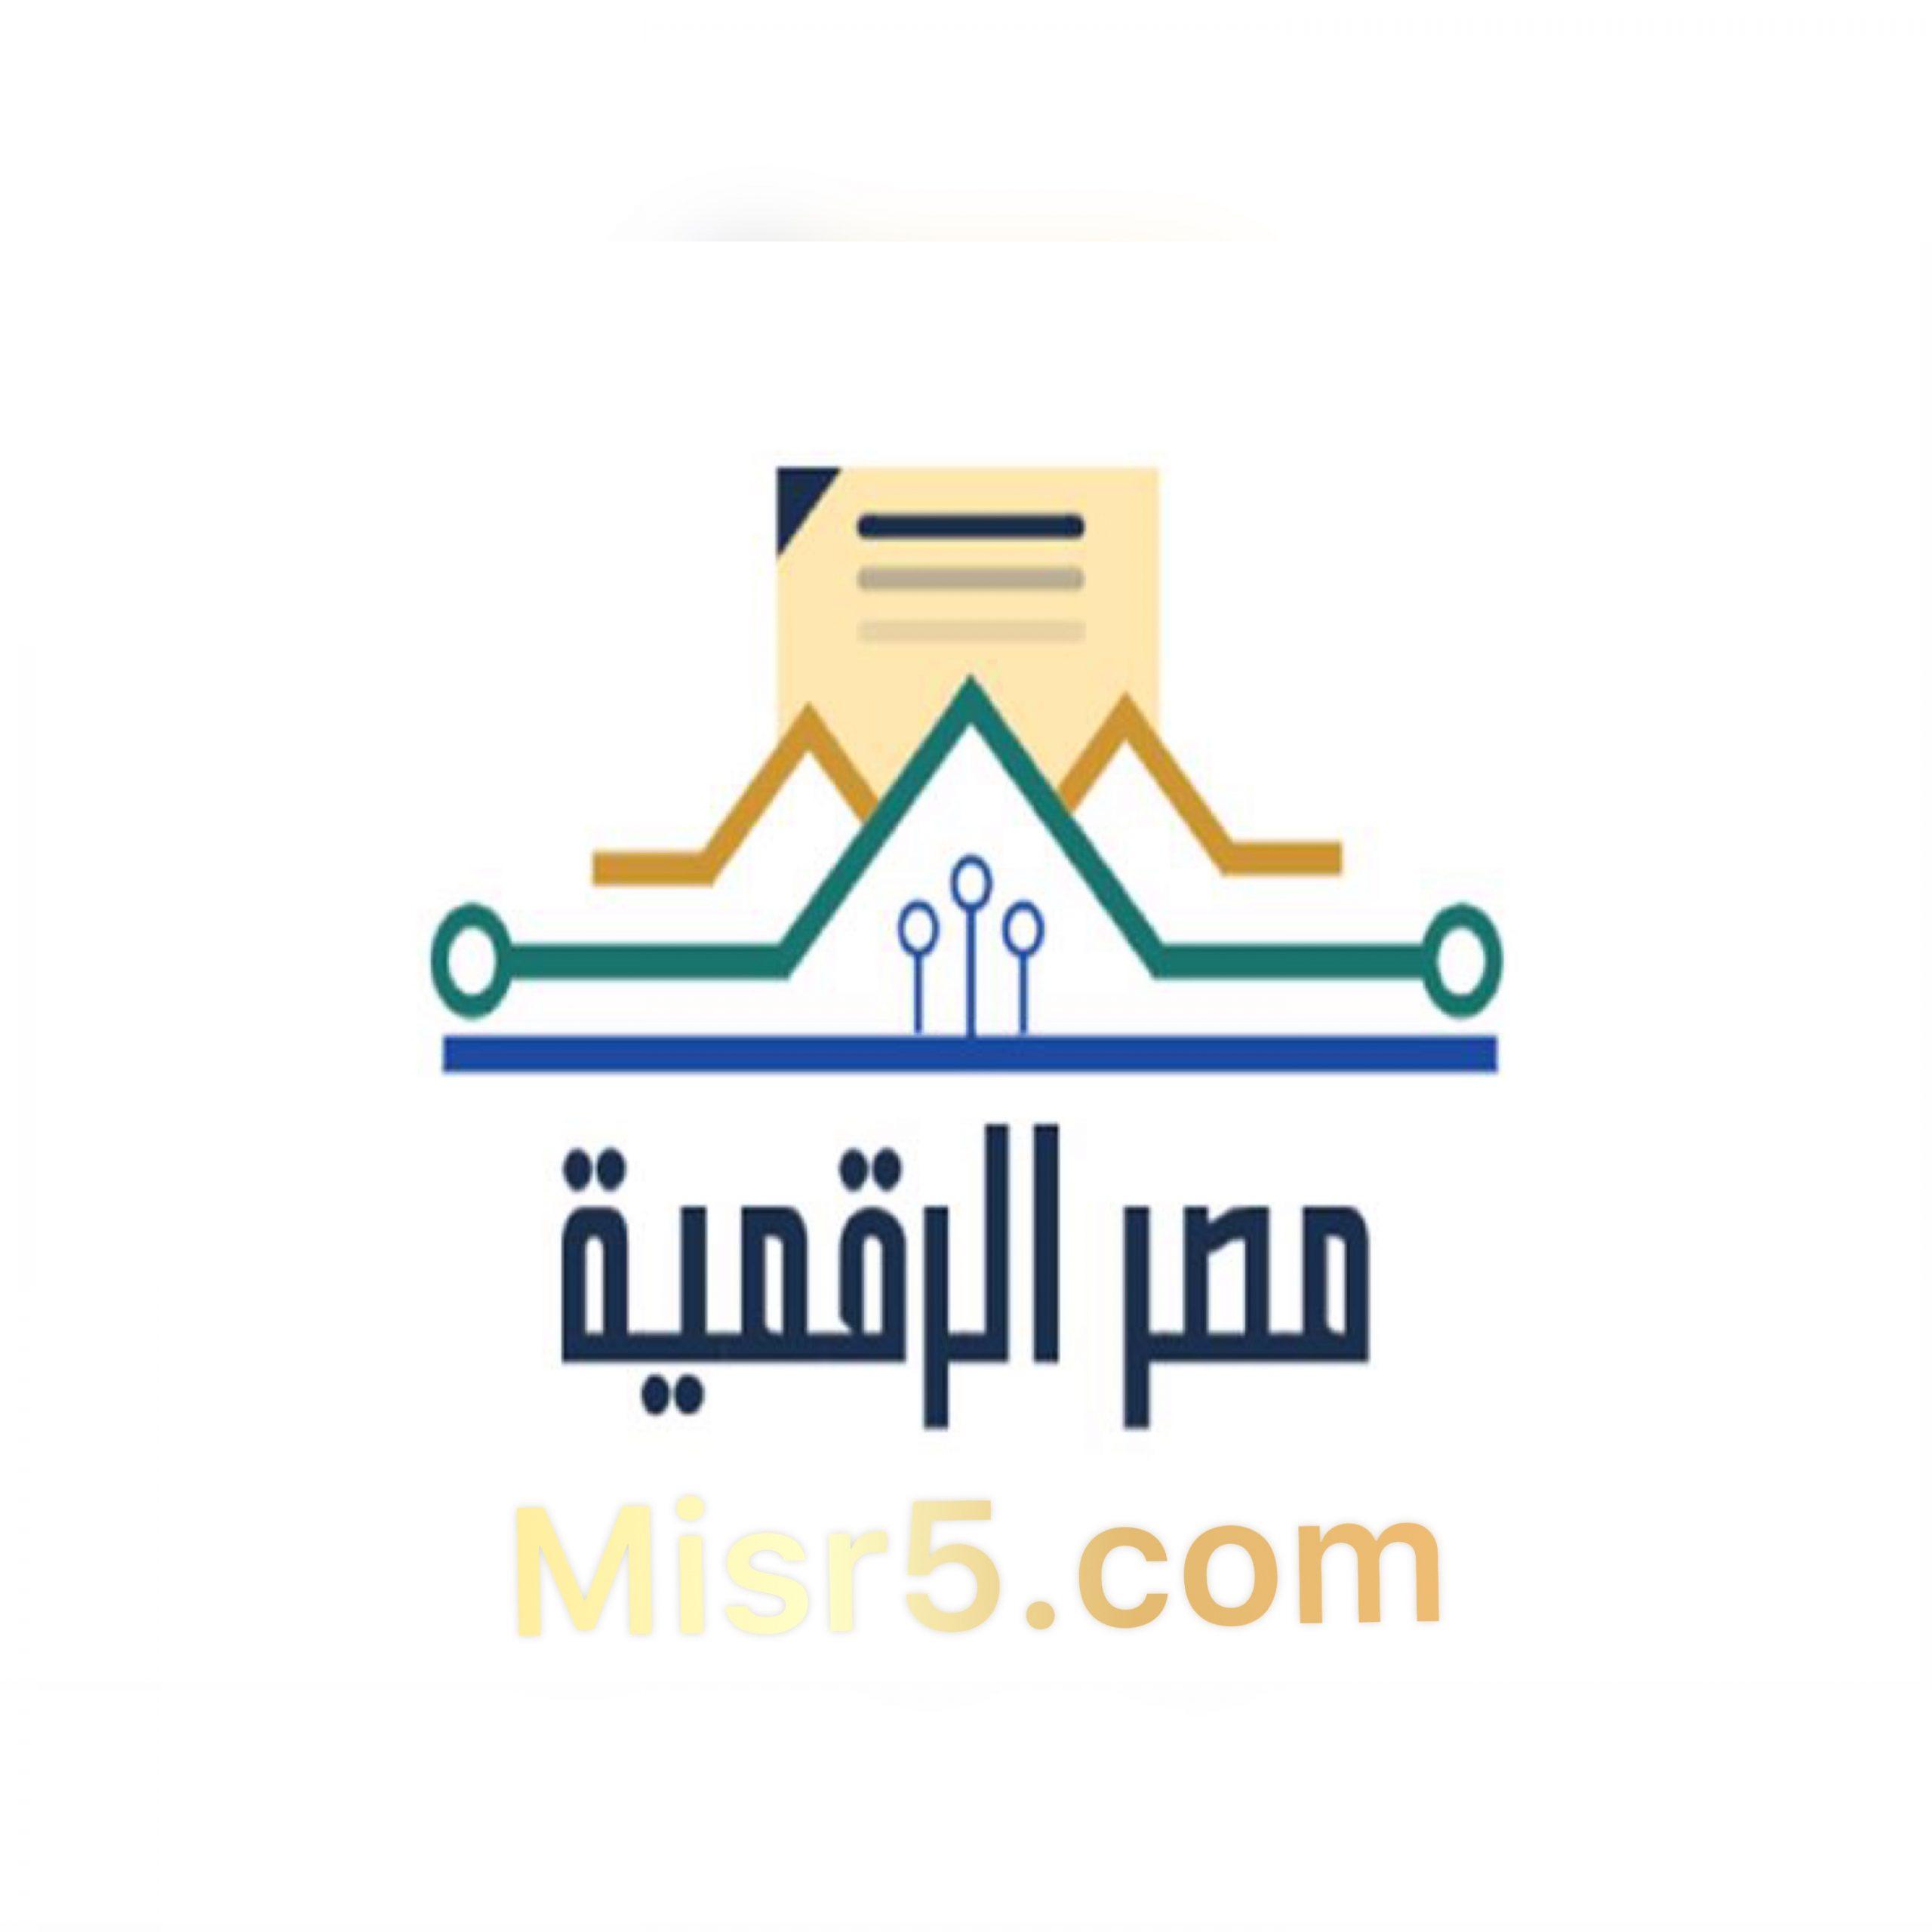 جديد بوابة مصر الرقمية | 35 خدمة حكومية إلكترونية منها خدمات الشهر العقاري والتموين